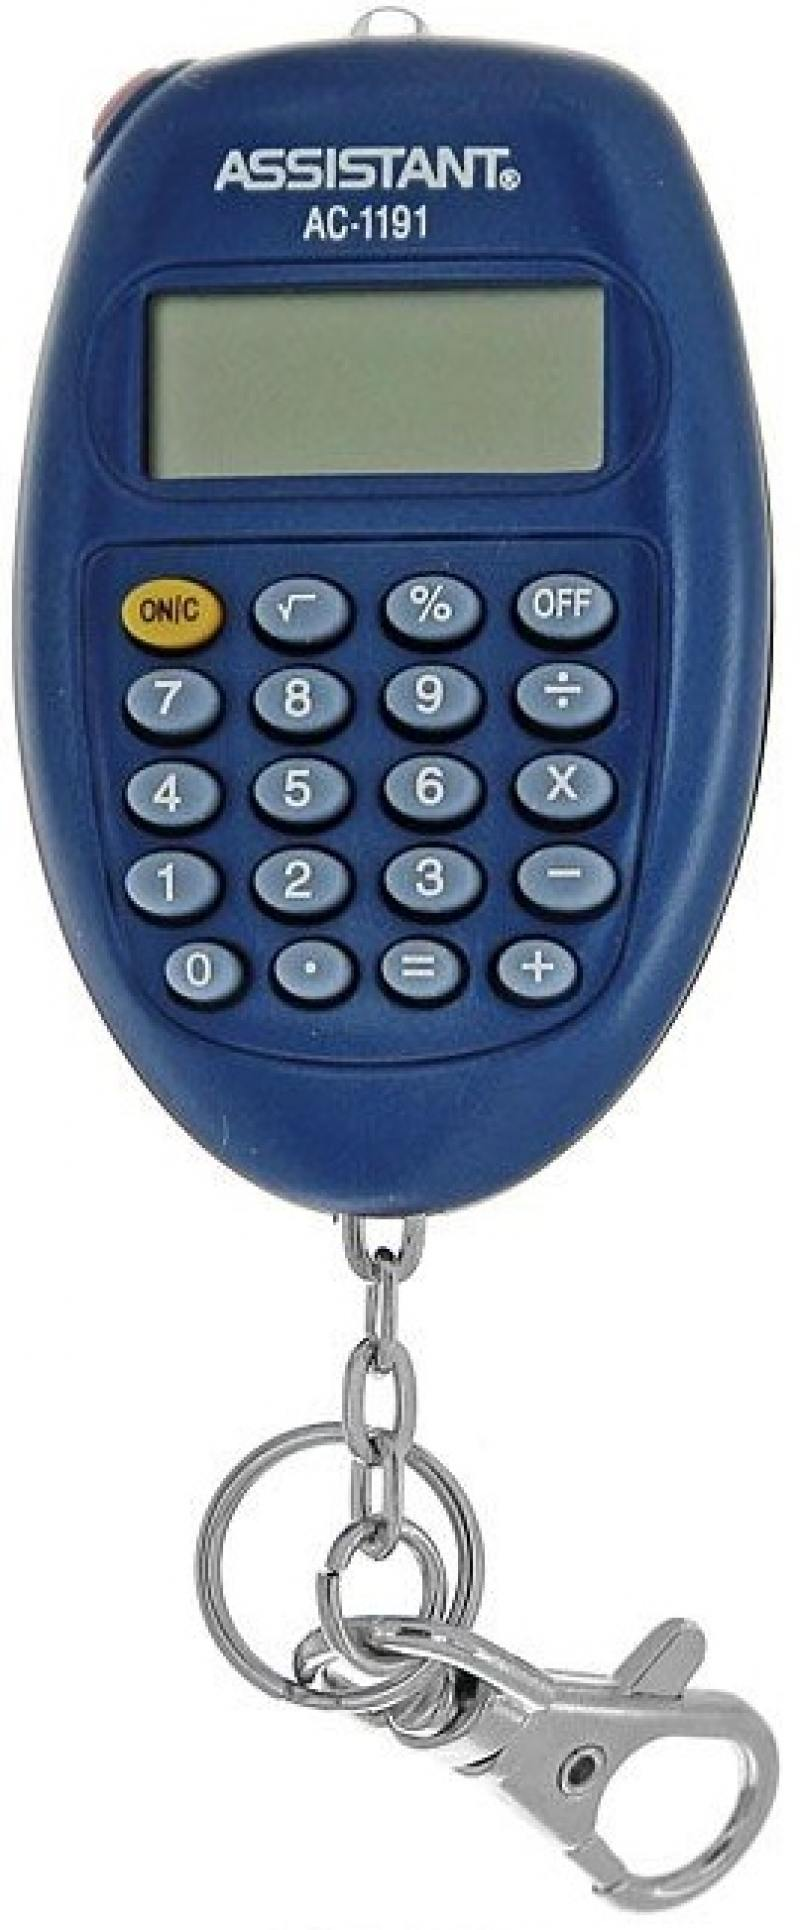 Калькулятор карманный Assistant AC-1191BL 8-разрядный AC-1191BL калькулятор карманный assistant ac 1203 10 разрядный ac 1203